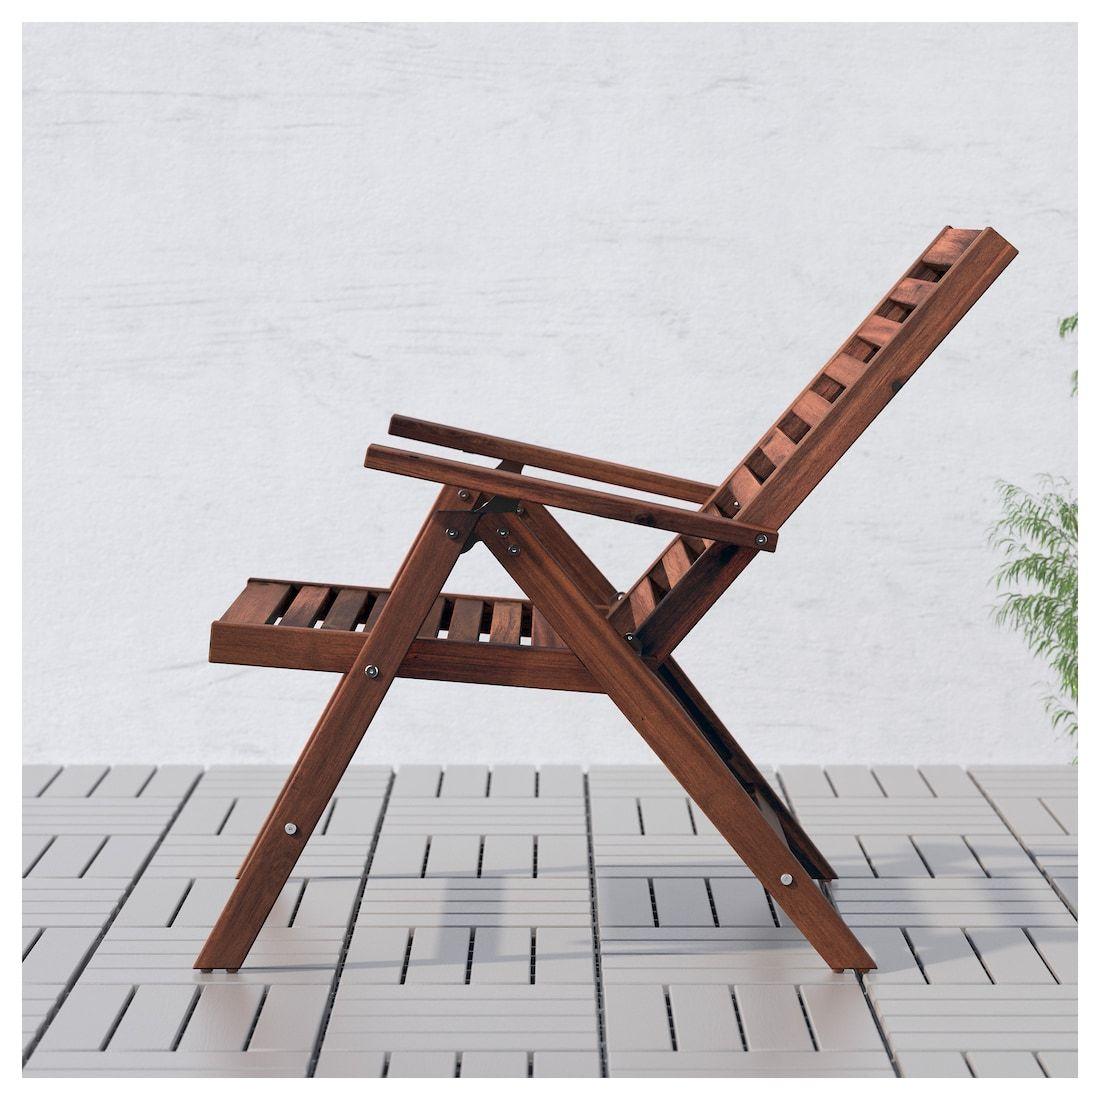 Full Size of Bambus Liegestuhl Ikea Pool Im Garten Bauen Spielhäuser Klapptisch Trennwände Feuerstelle Mastleuchten Kräutergarten Küche Feuerschale Beistelltisch Wohnzimmer Ikea Liegestuhl Garten